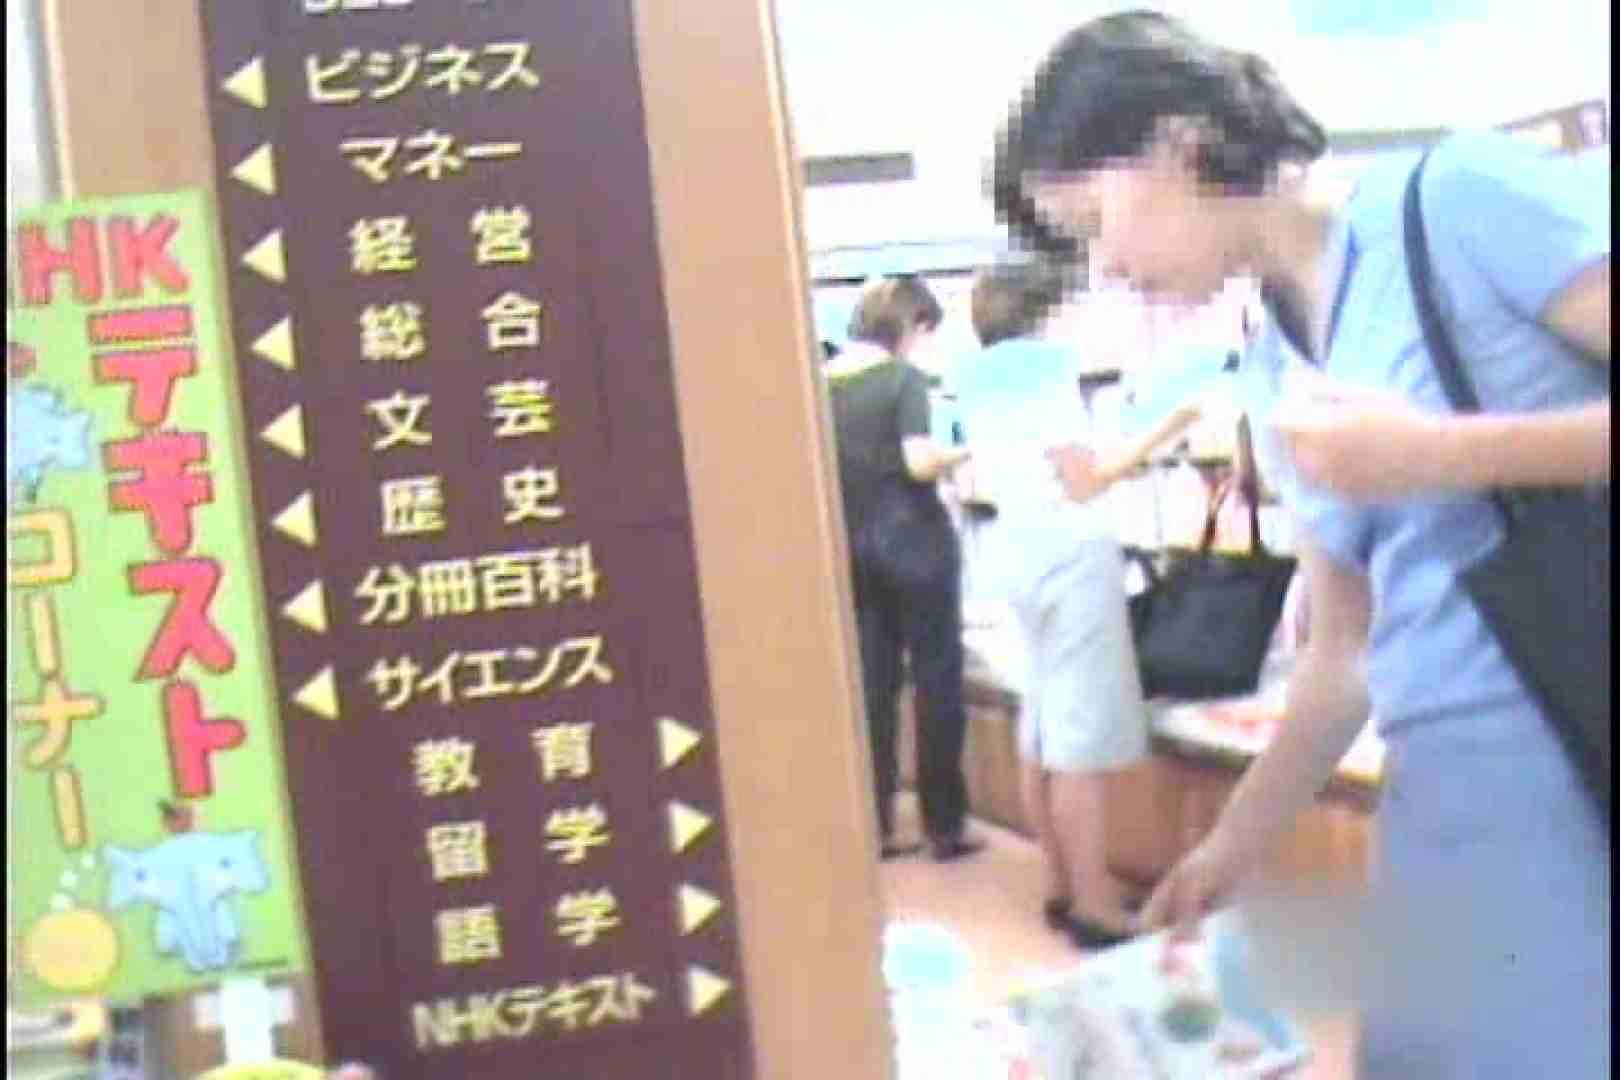 私鉄沿線美女限定パンティー丸覗き!!vol.01 OLハメ撮り  92Pix 12